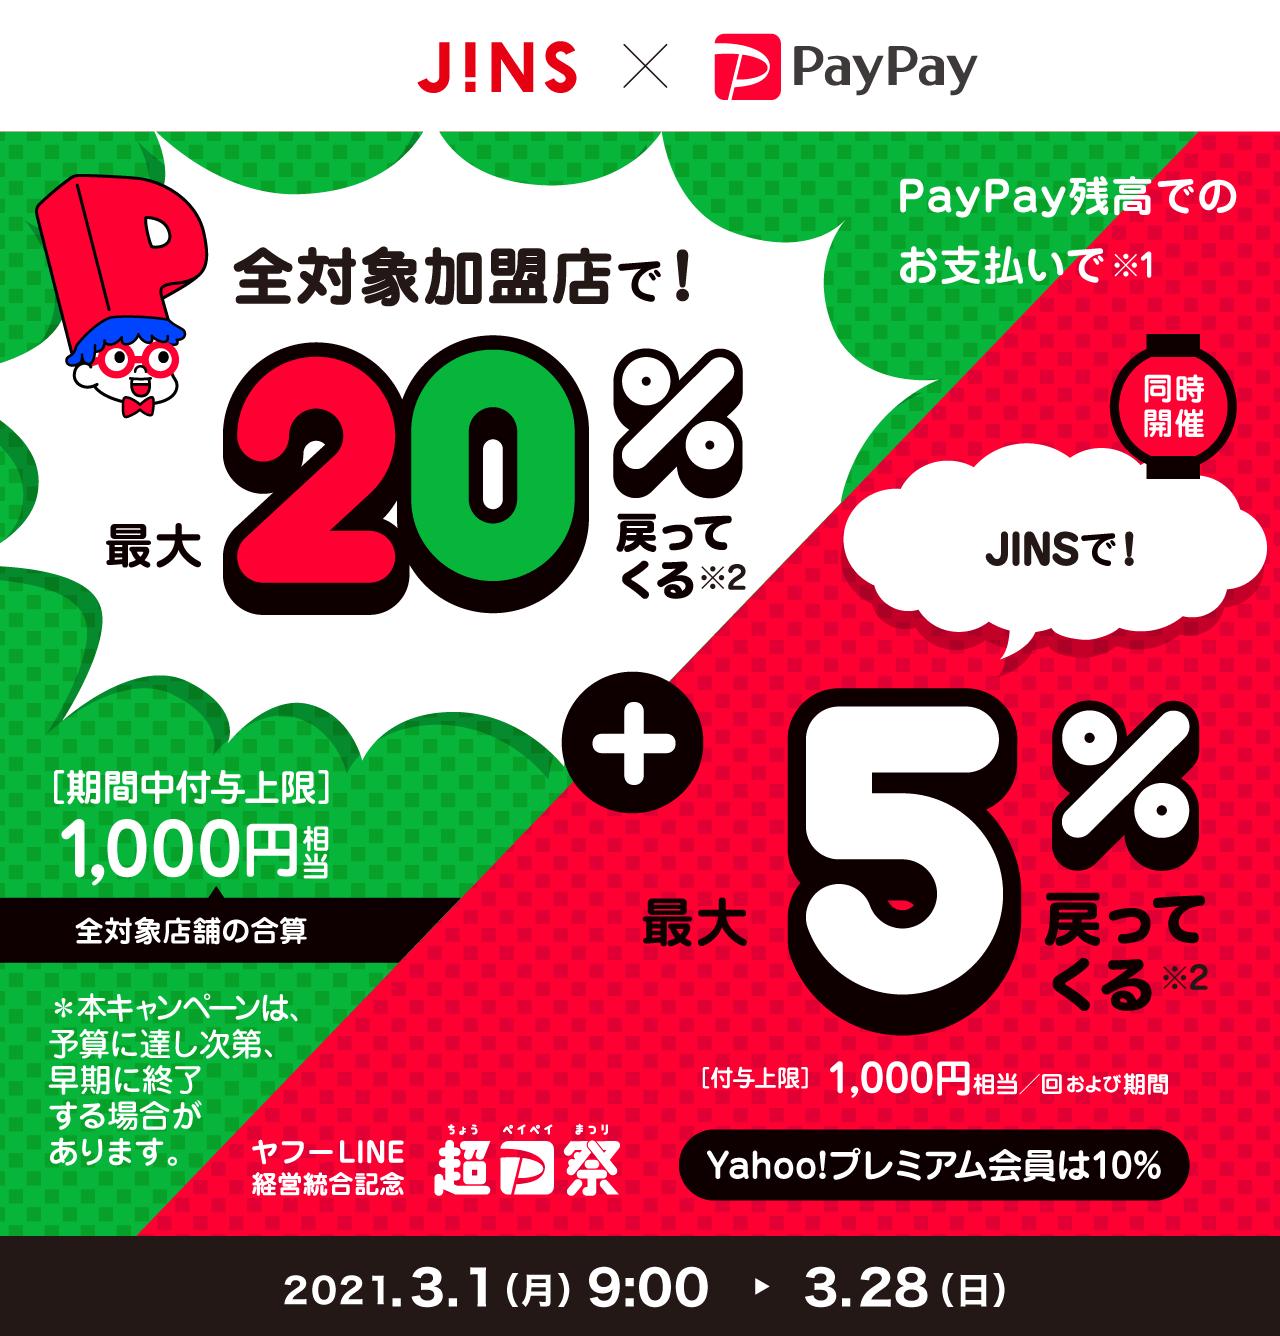 全対象加盟店で!最大20%戻ってくる + JINSで!最大5%戻ってくる